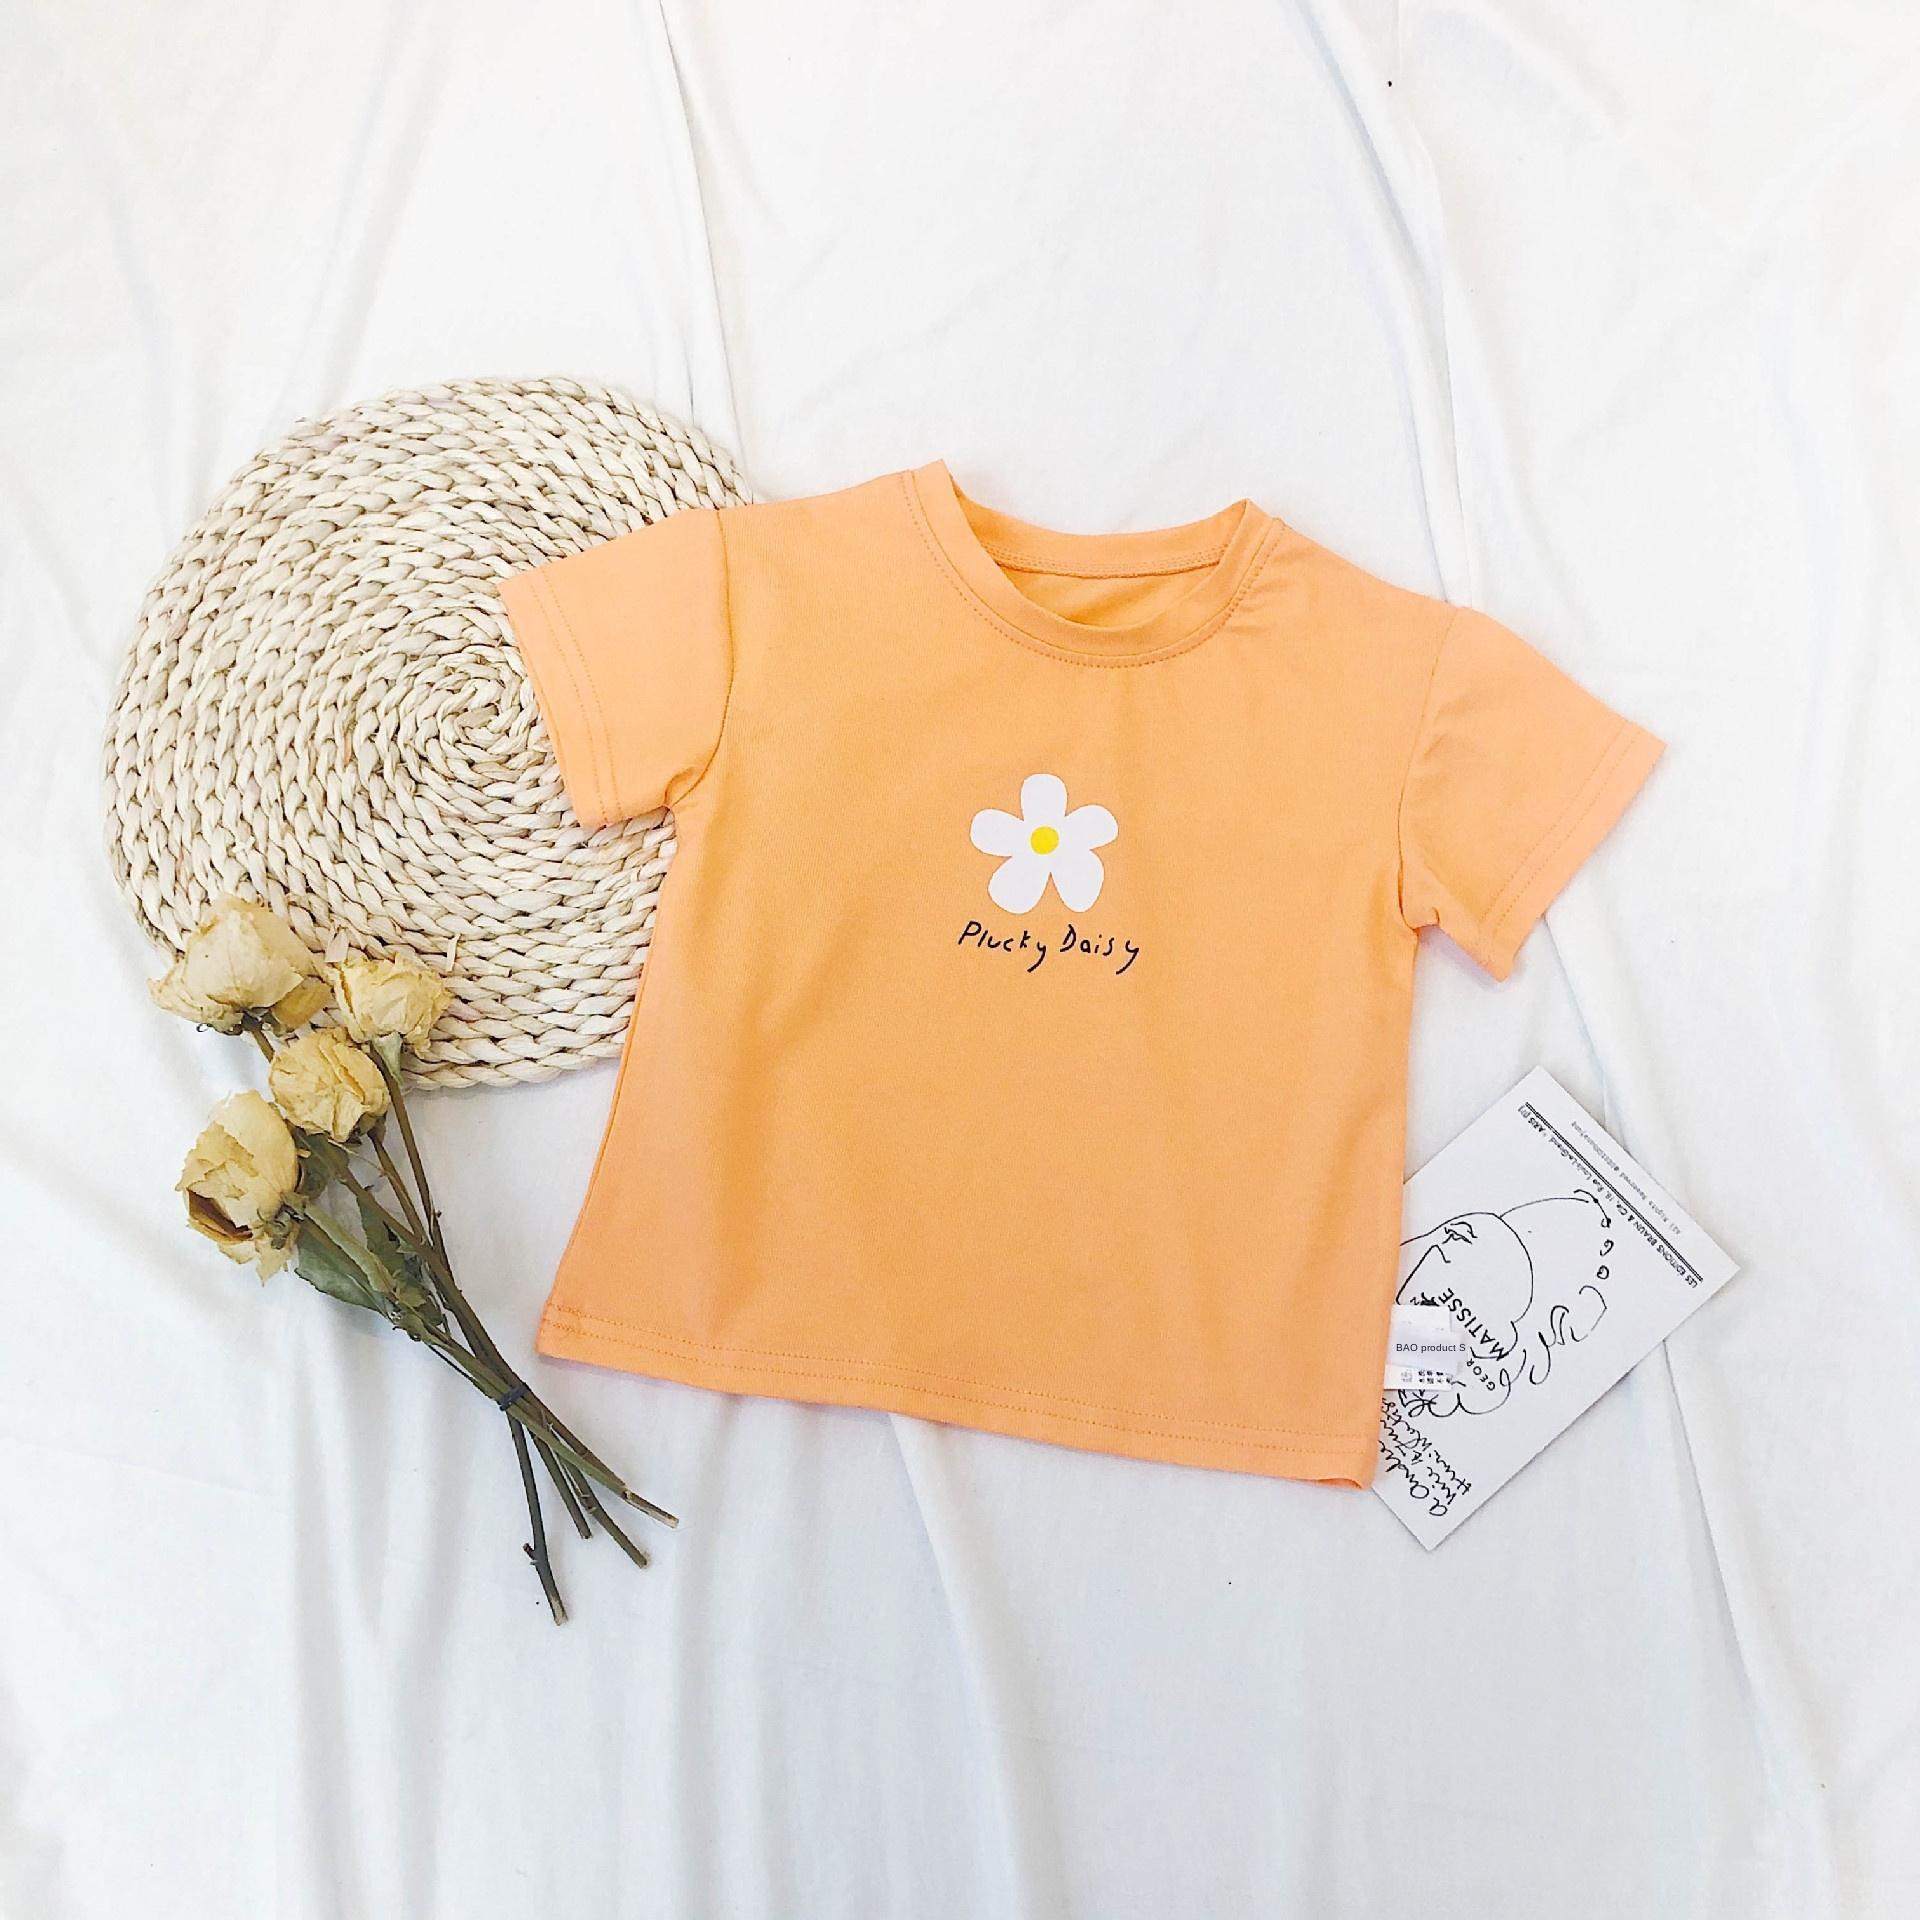 O8Yu7 pequenas e médias crianças 2,020 Verão novo bebê T-shirt e dos homens da forma das mulheres T-shirt pequena flor simples versão coreana A259